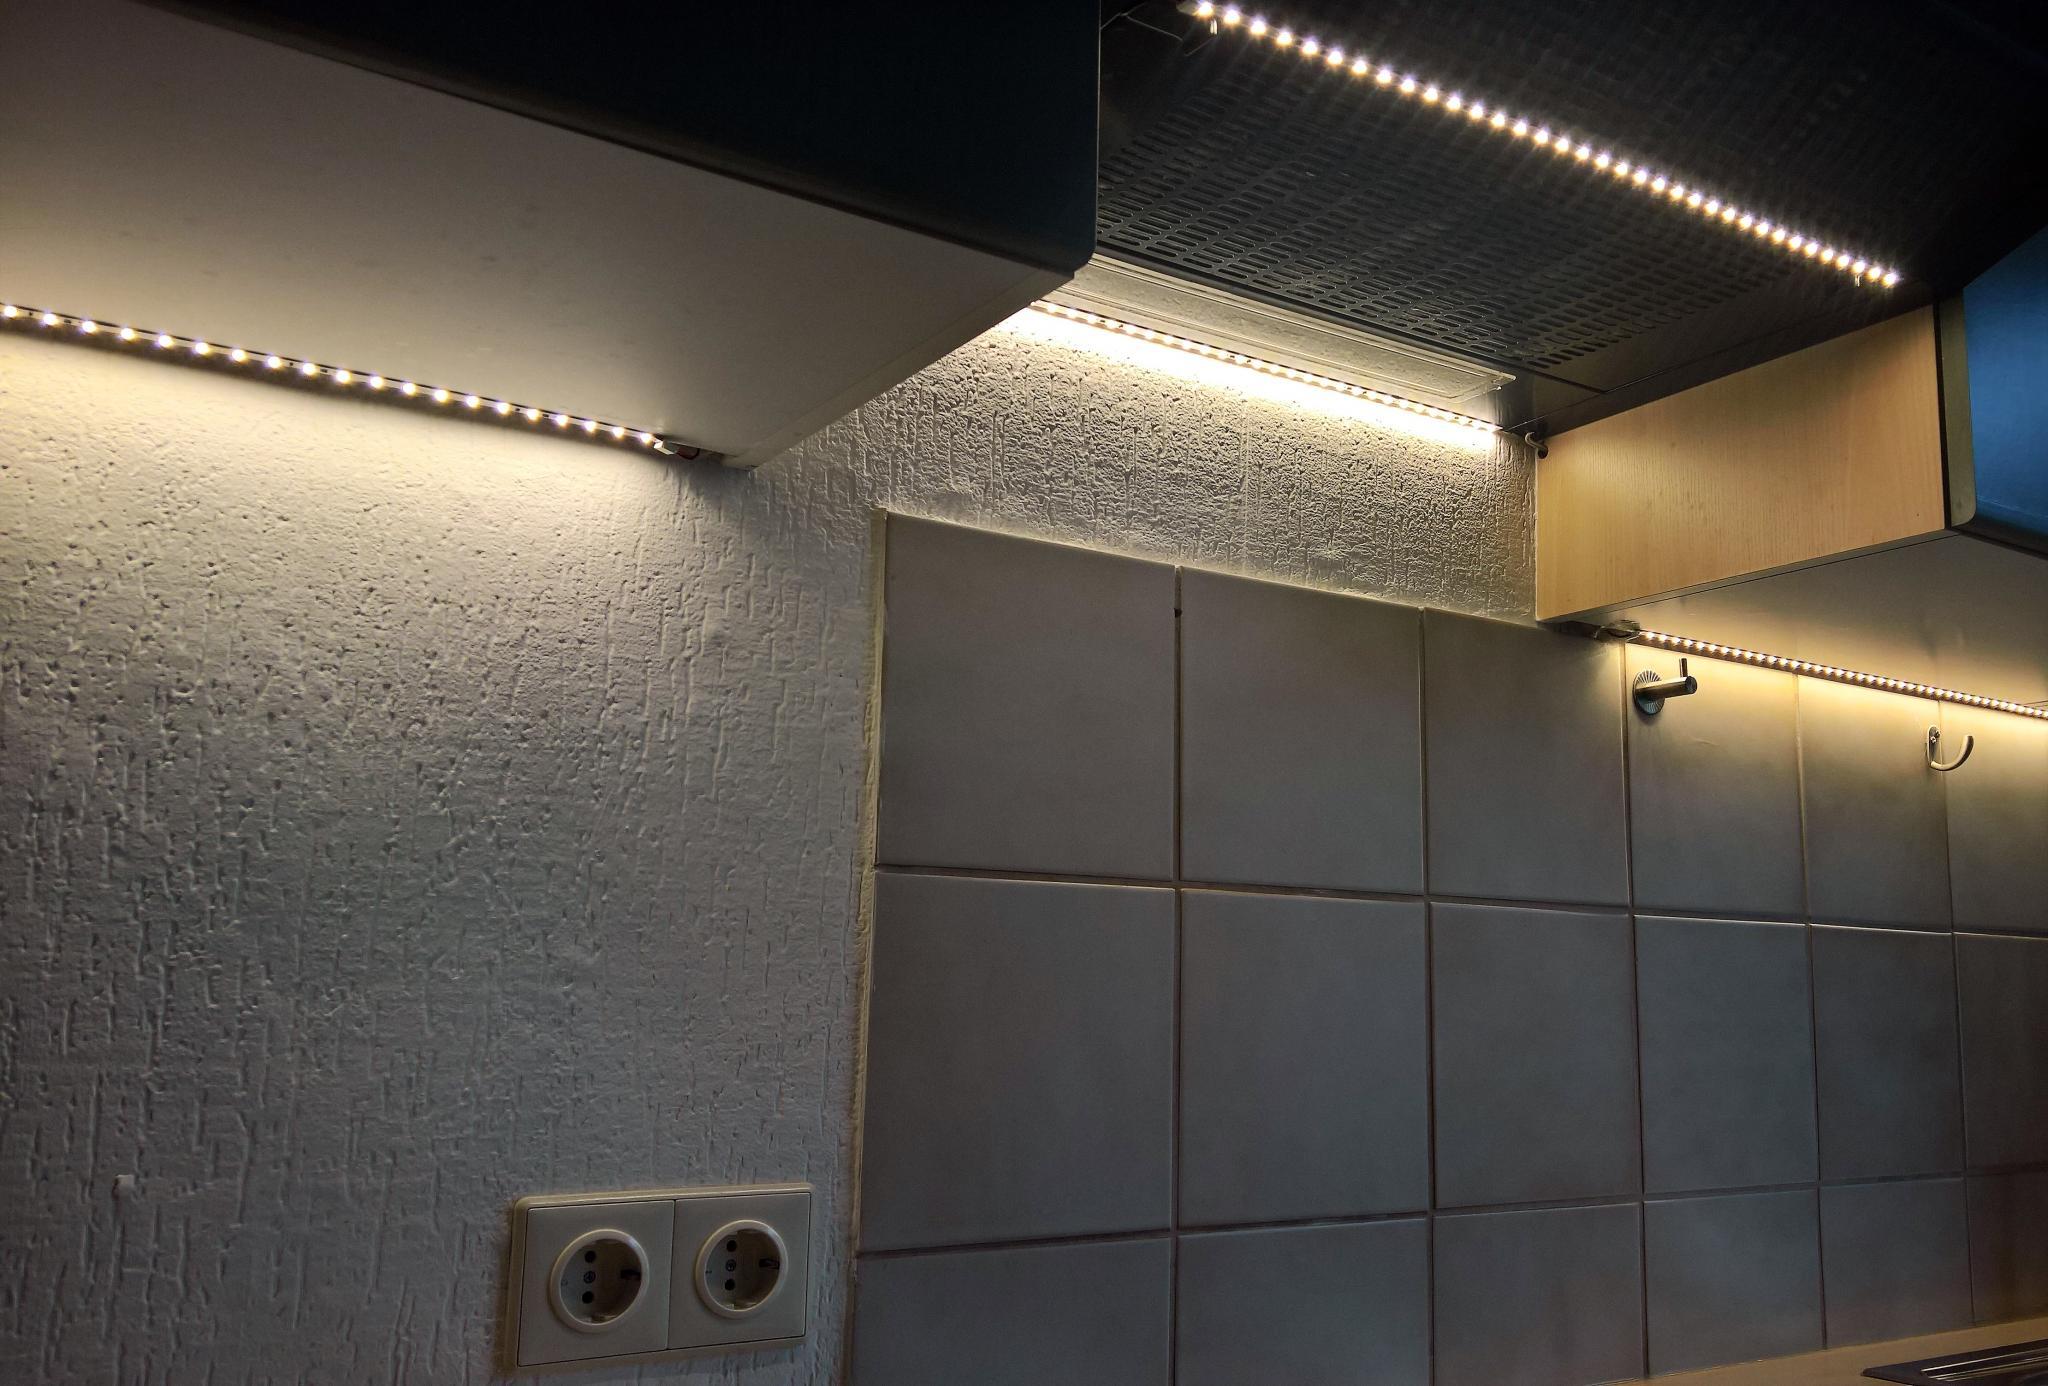 Full Size of Lampen Für Küche Watt24 Helle Kchenbeleuchtung Mit Led Tape Grillplatte Abfallbehälter Miniküche Kühlschrank Was Kostet Eine Neue Modul Poco Tagesdecken Wohnzimmer Lampen Für Küche